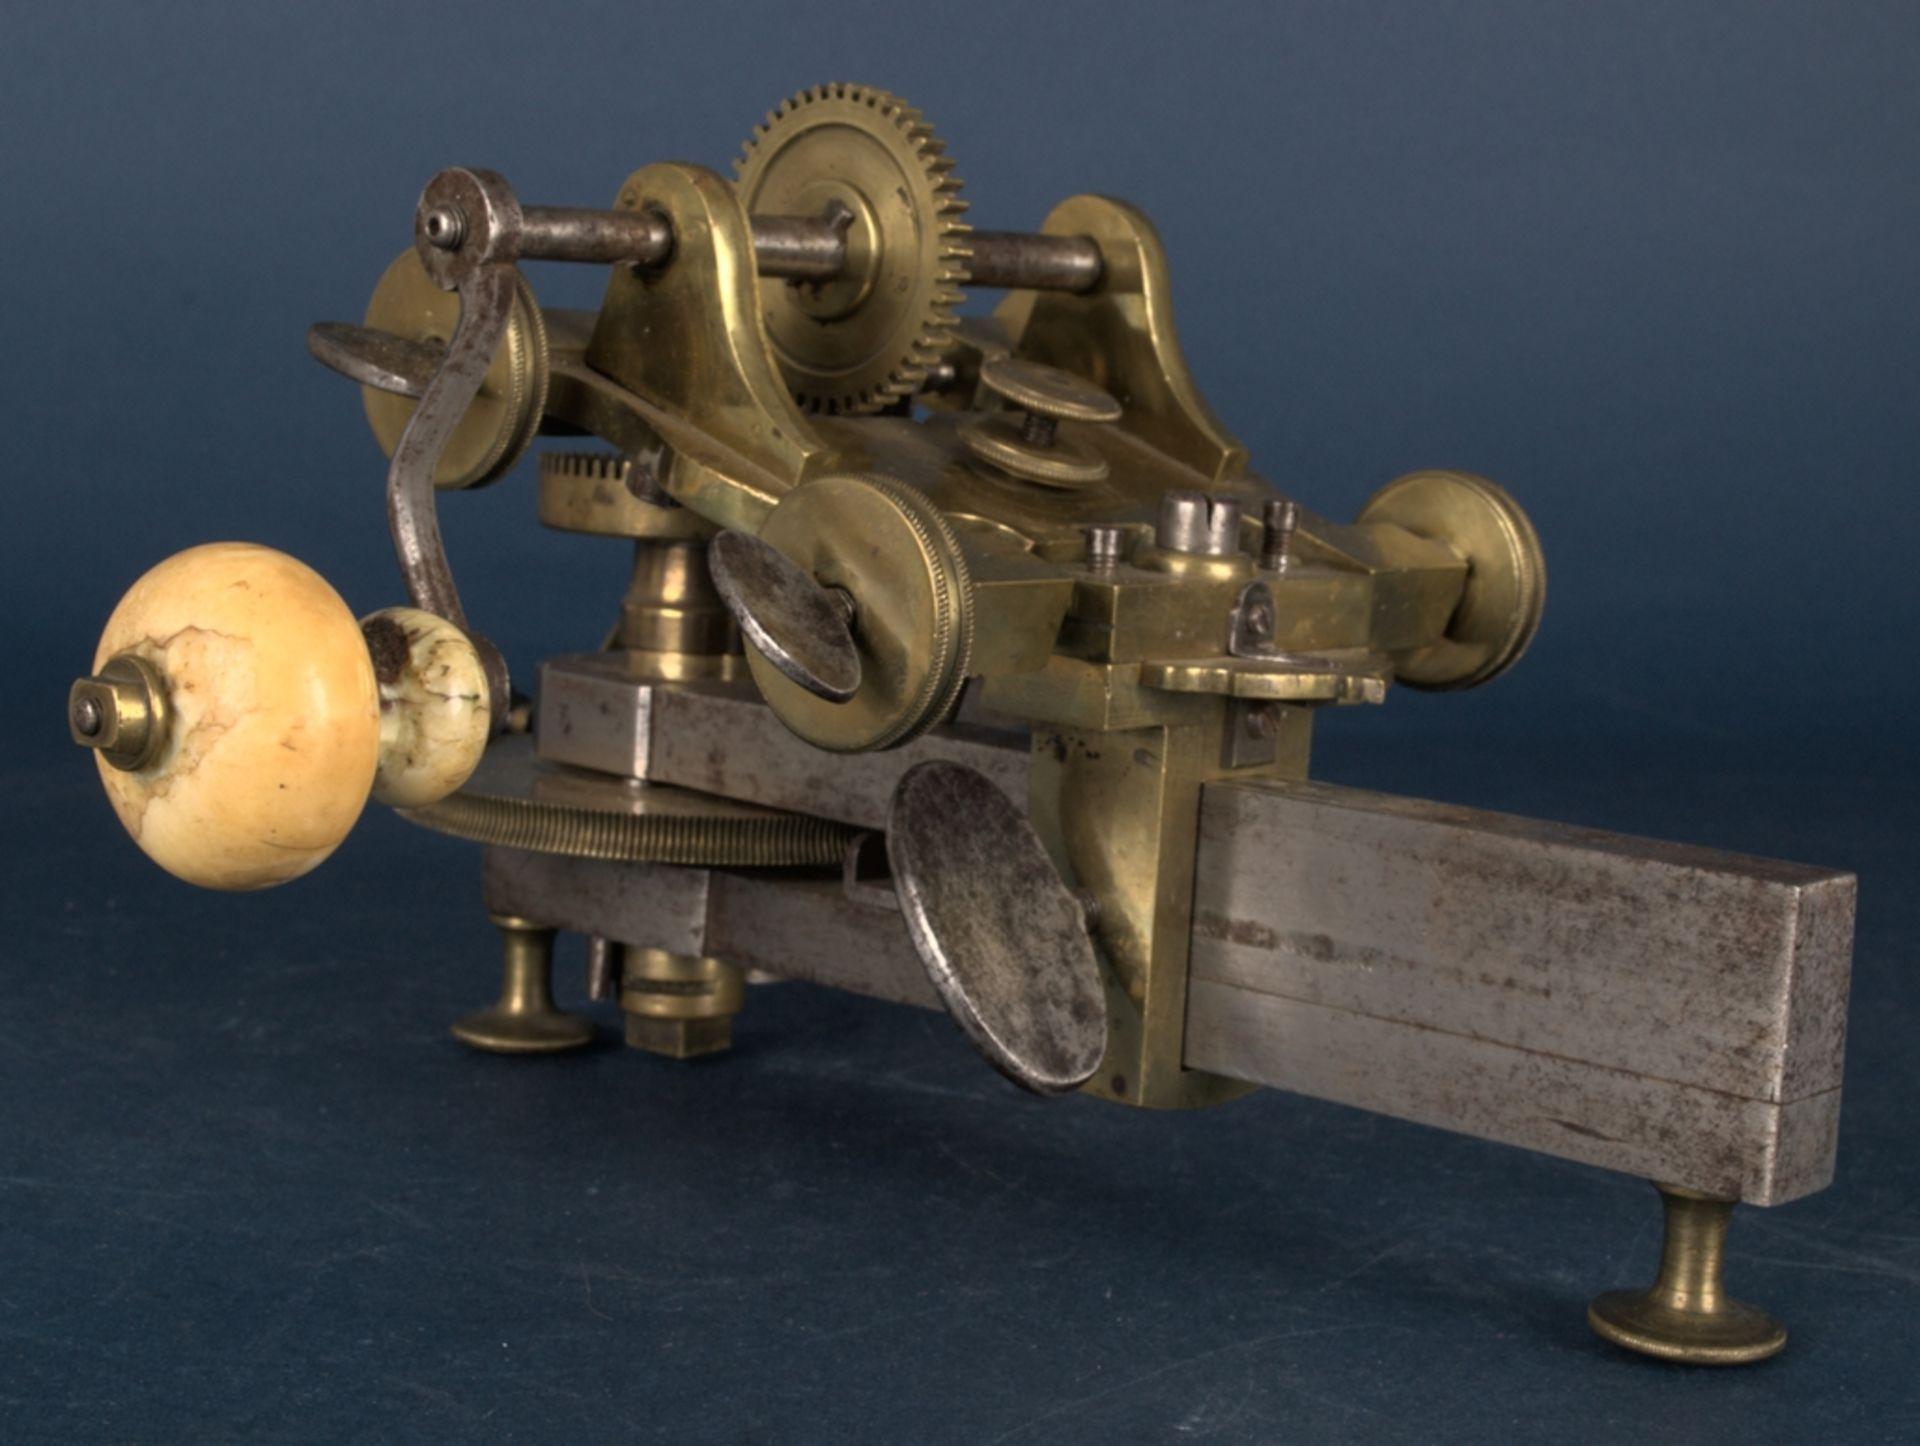 Zahnradfräsmaschine/Zahnräderschneidemaschine, frühes Uhrmacherwerkzeug, deutsch Mitte 18. Jhd., - Bild 24 aus 29